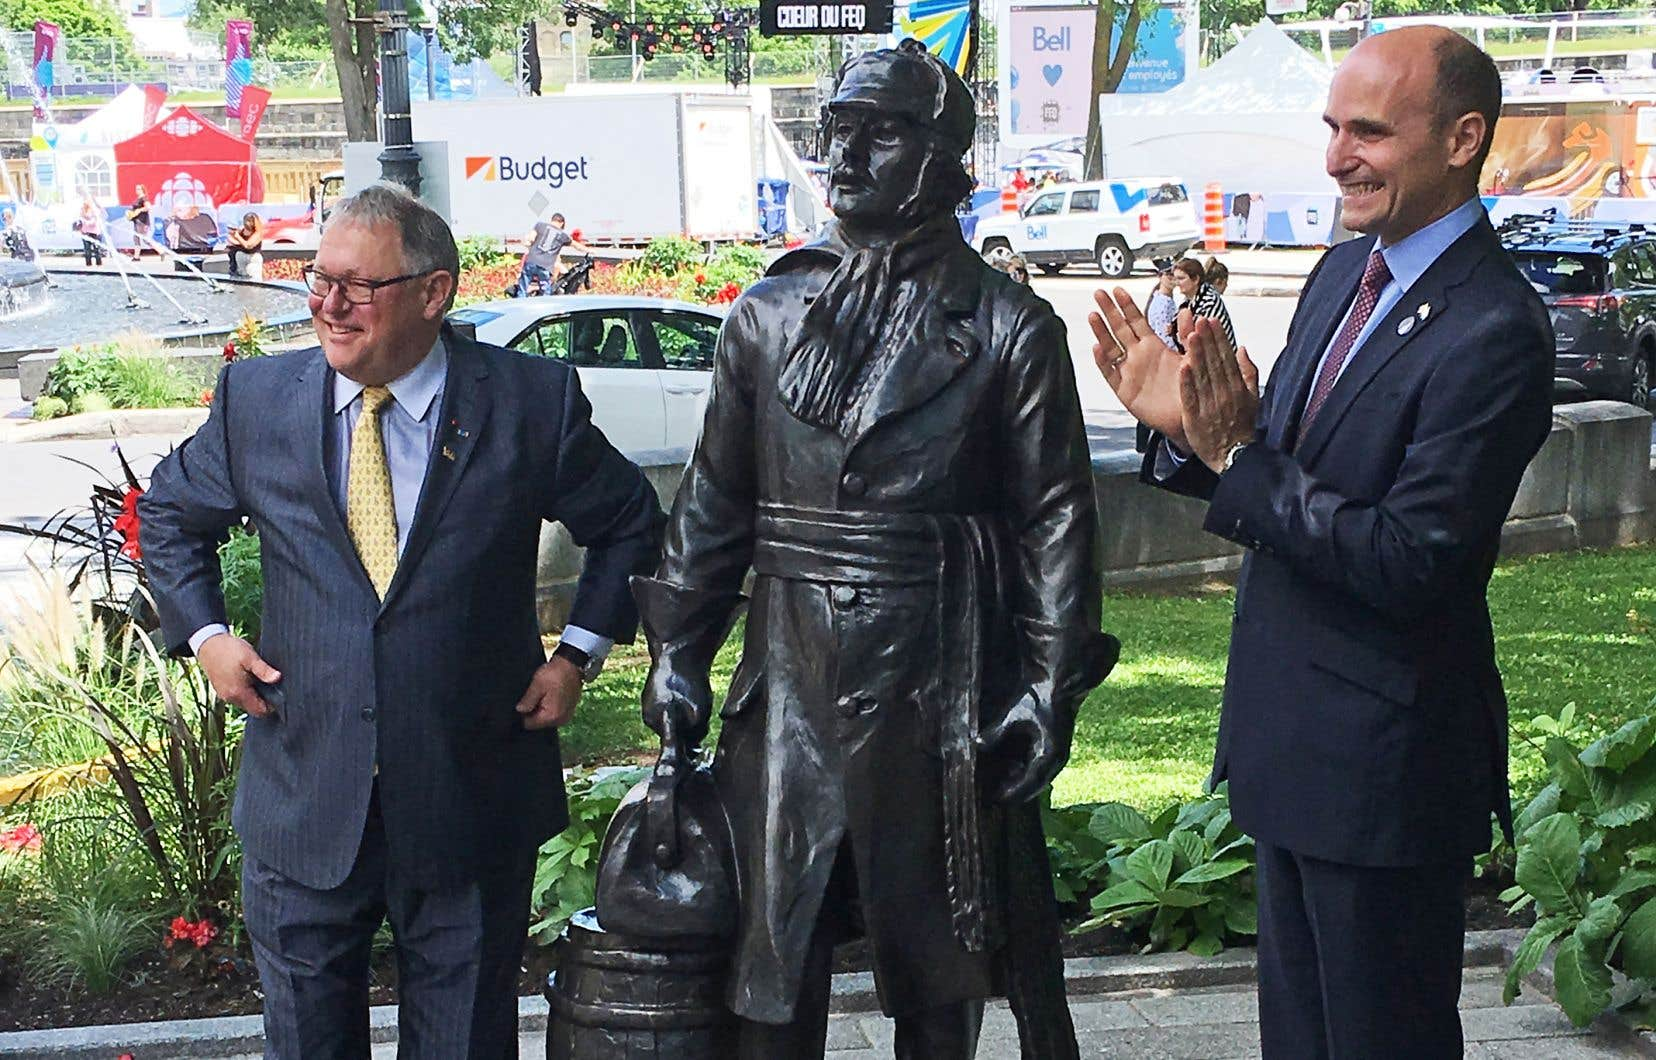 Le président de l'Assemblée nationale, Jacques Chagnon, et le ministre fédéral de la Famille, Jean-Yves Duclos, ont dévoilé le monument, près de la fontaine de Tourny, vendredi à Québec.